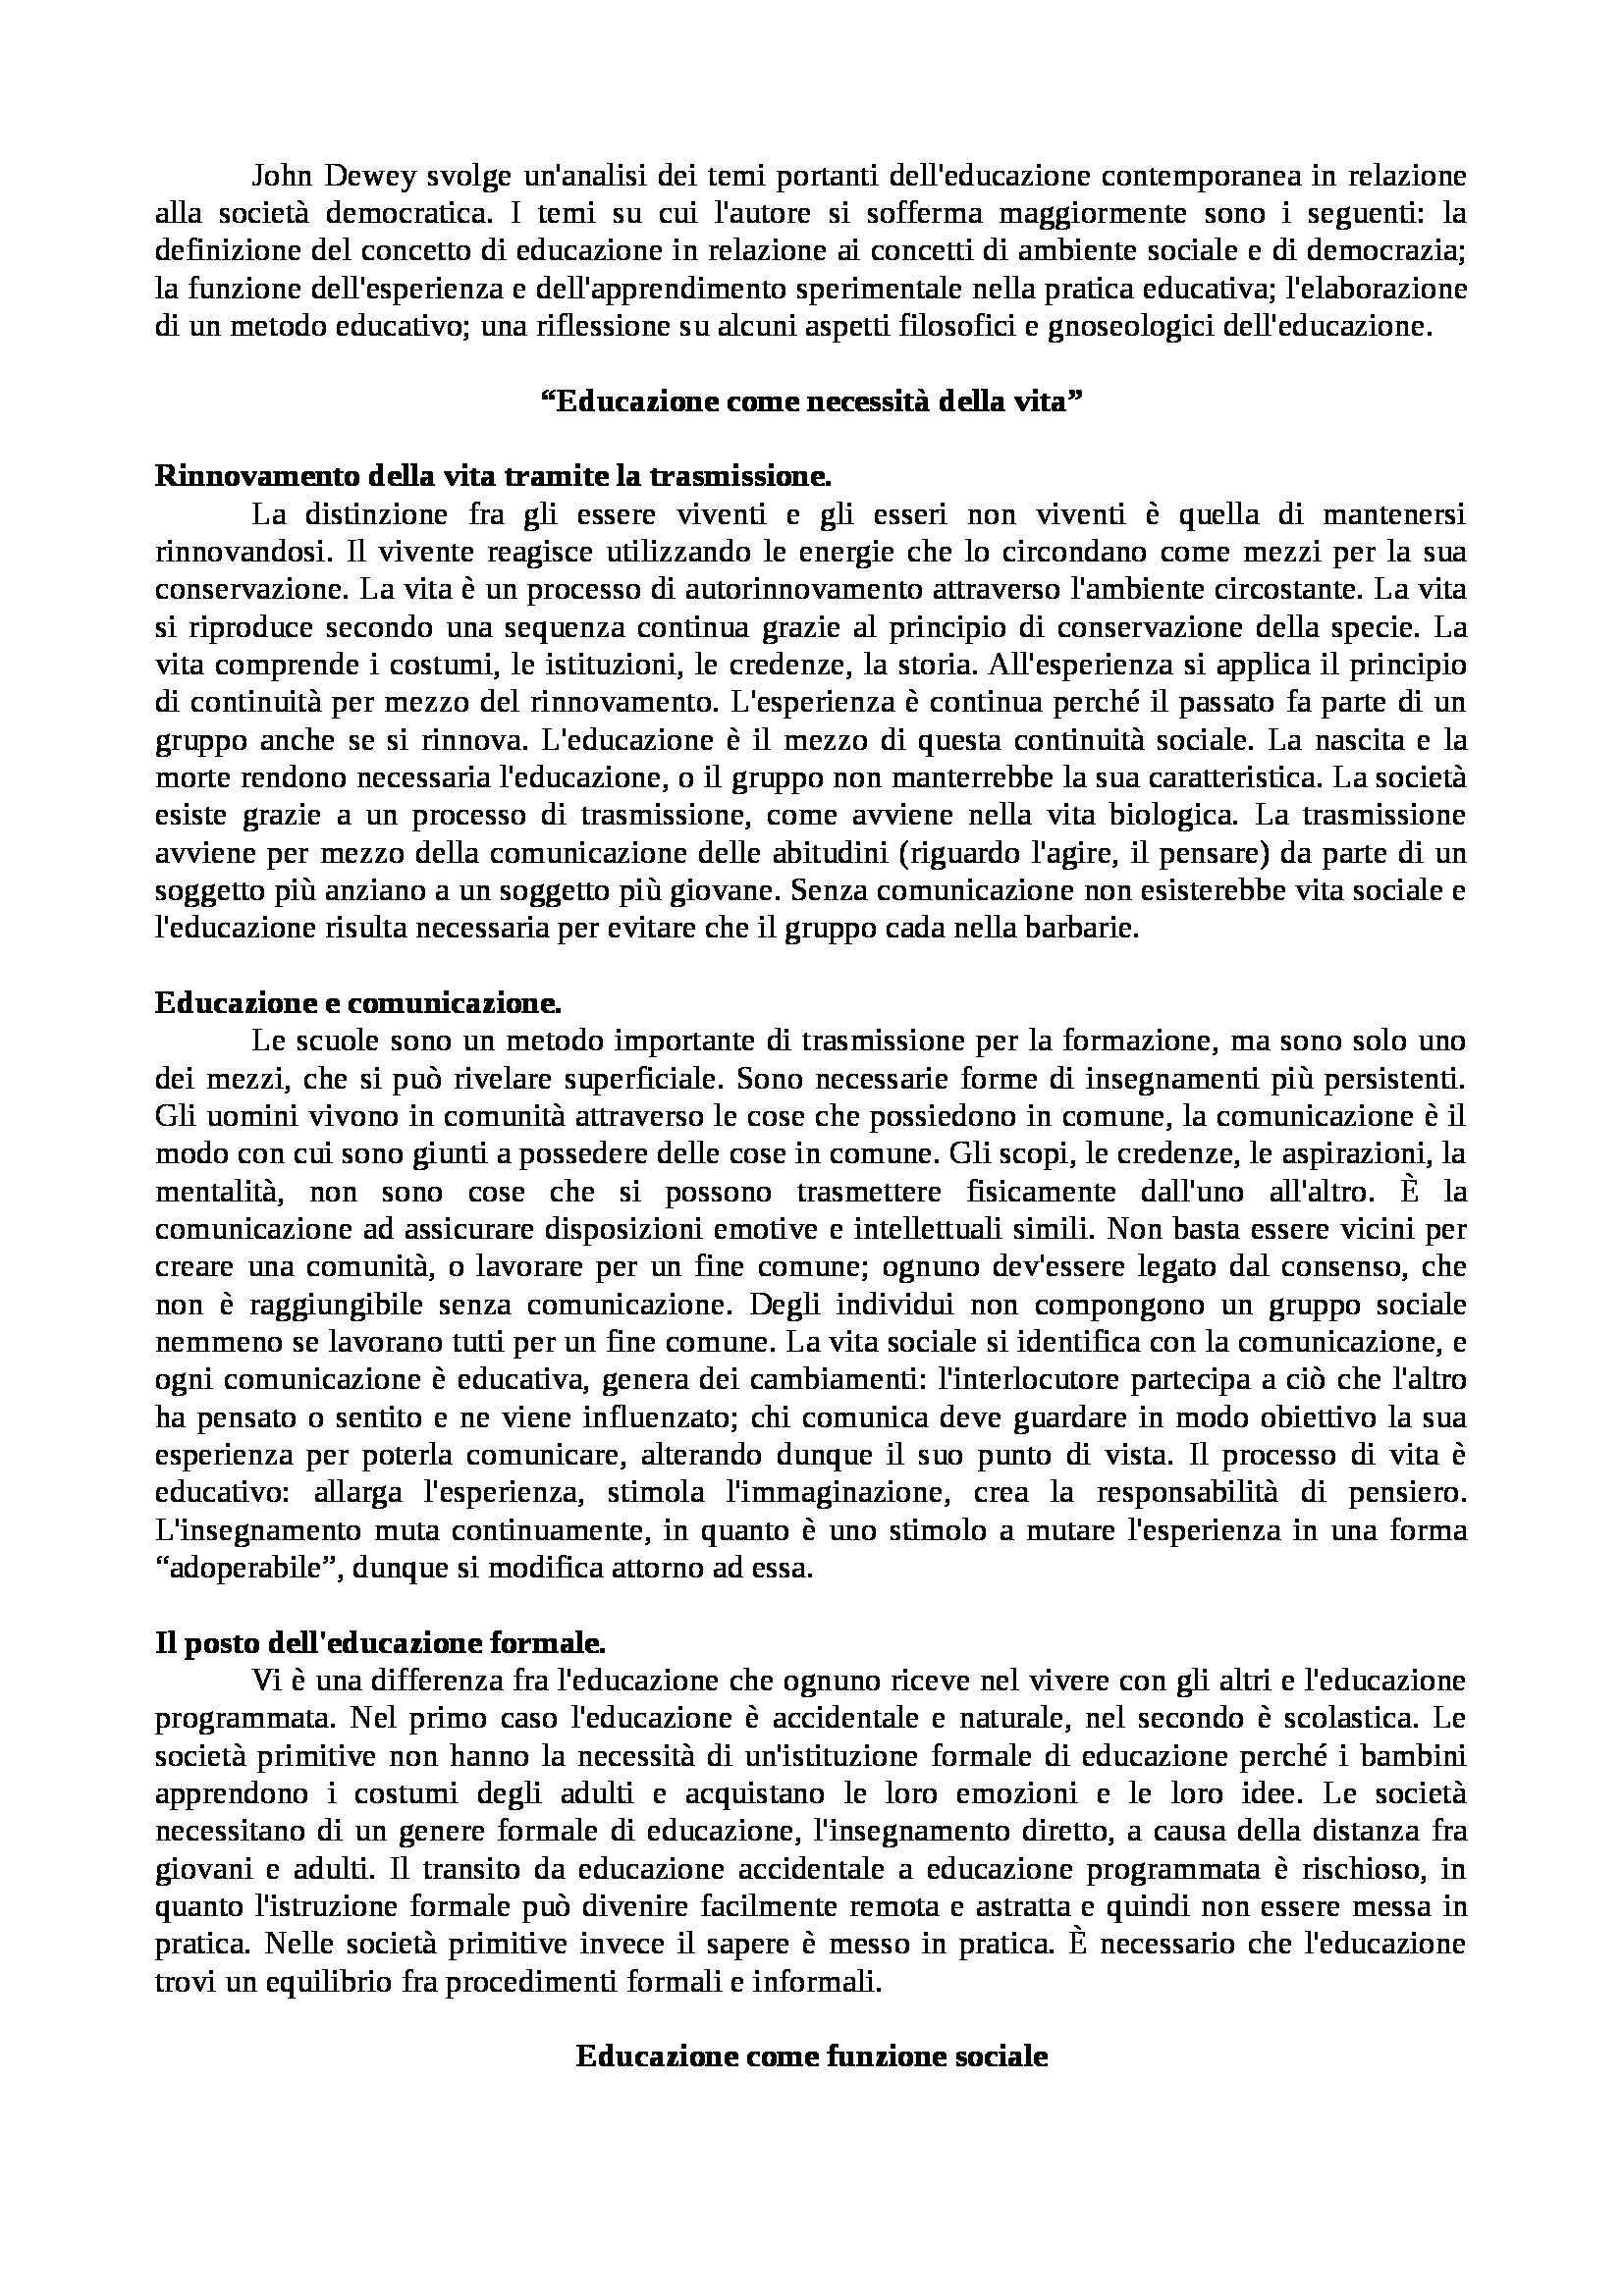 Riassunto esame Pedagogia generale, prof. Colicchi, libro consigliato Democrazia e educazione, Dewey